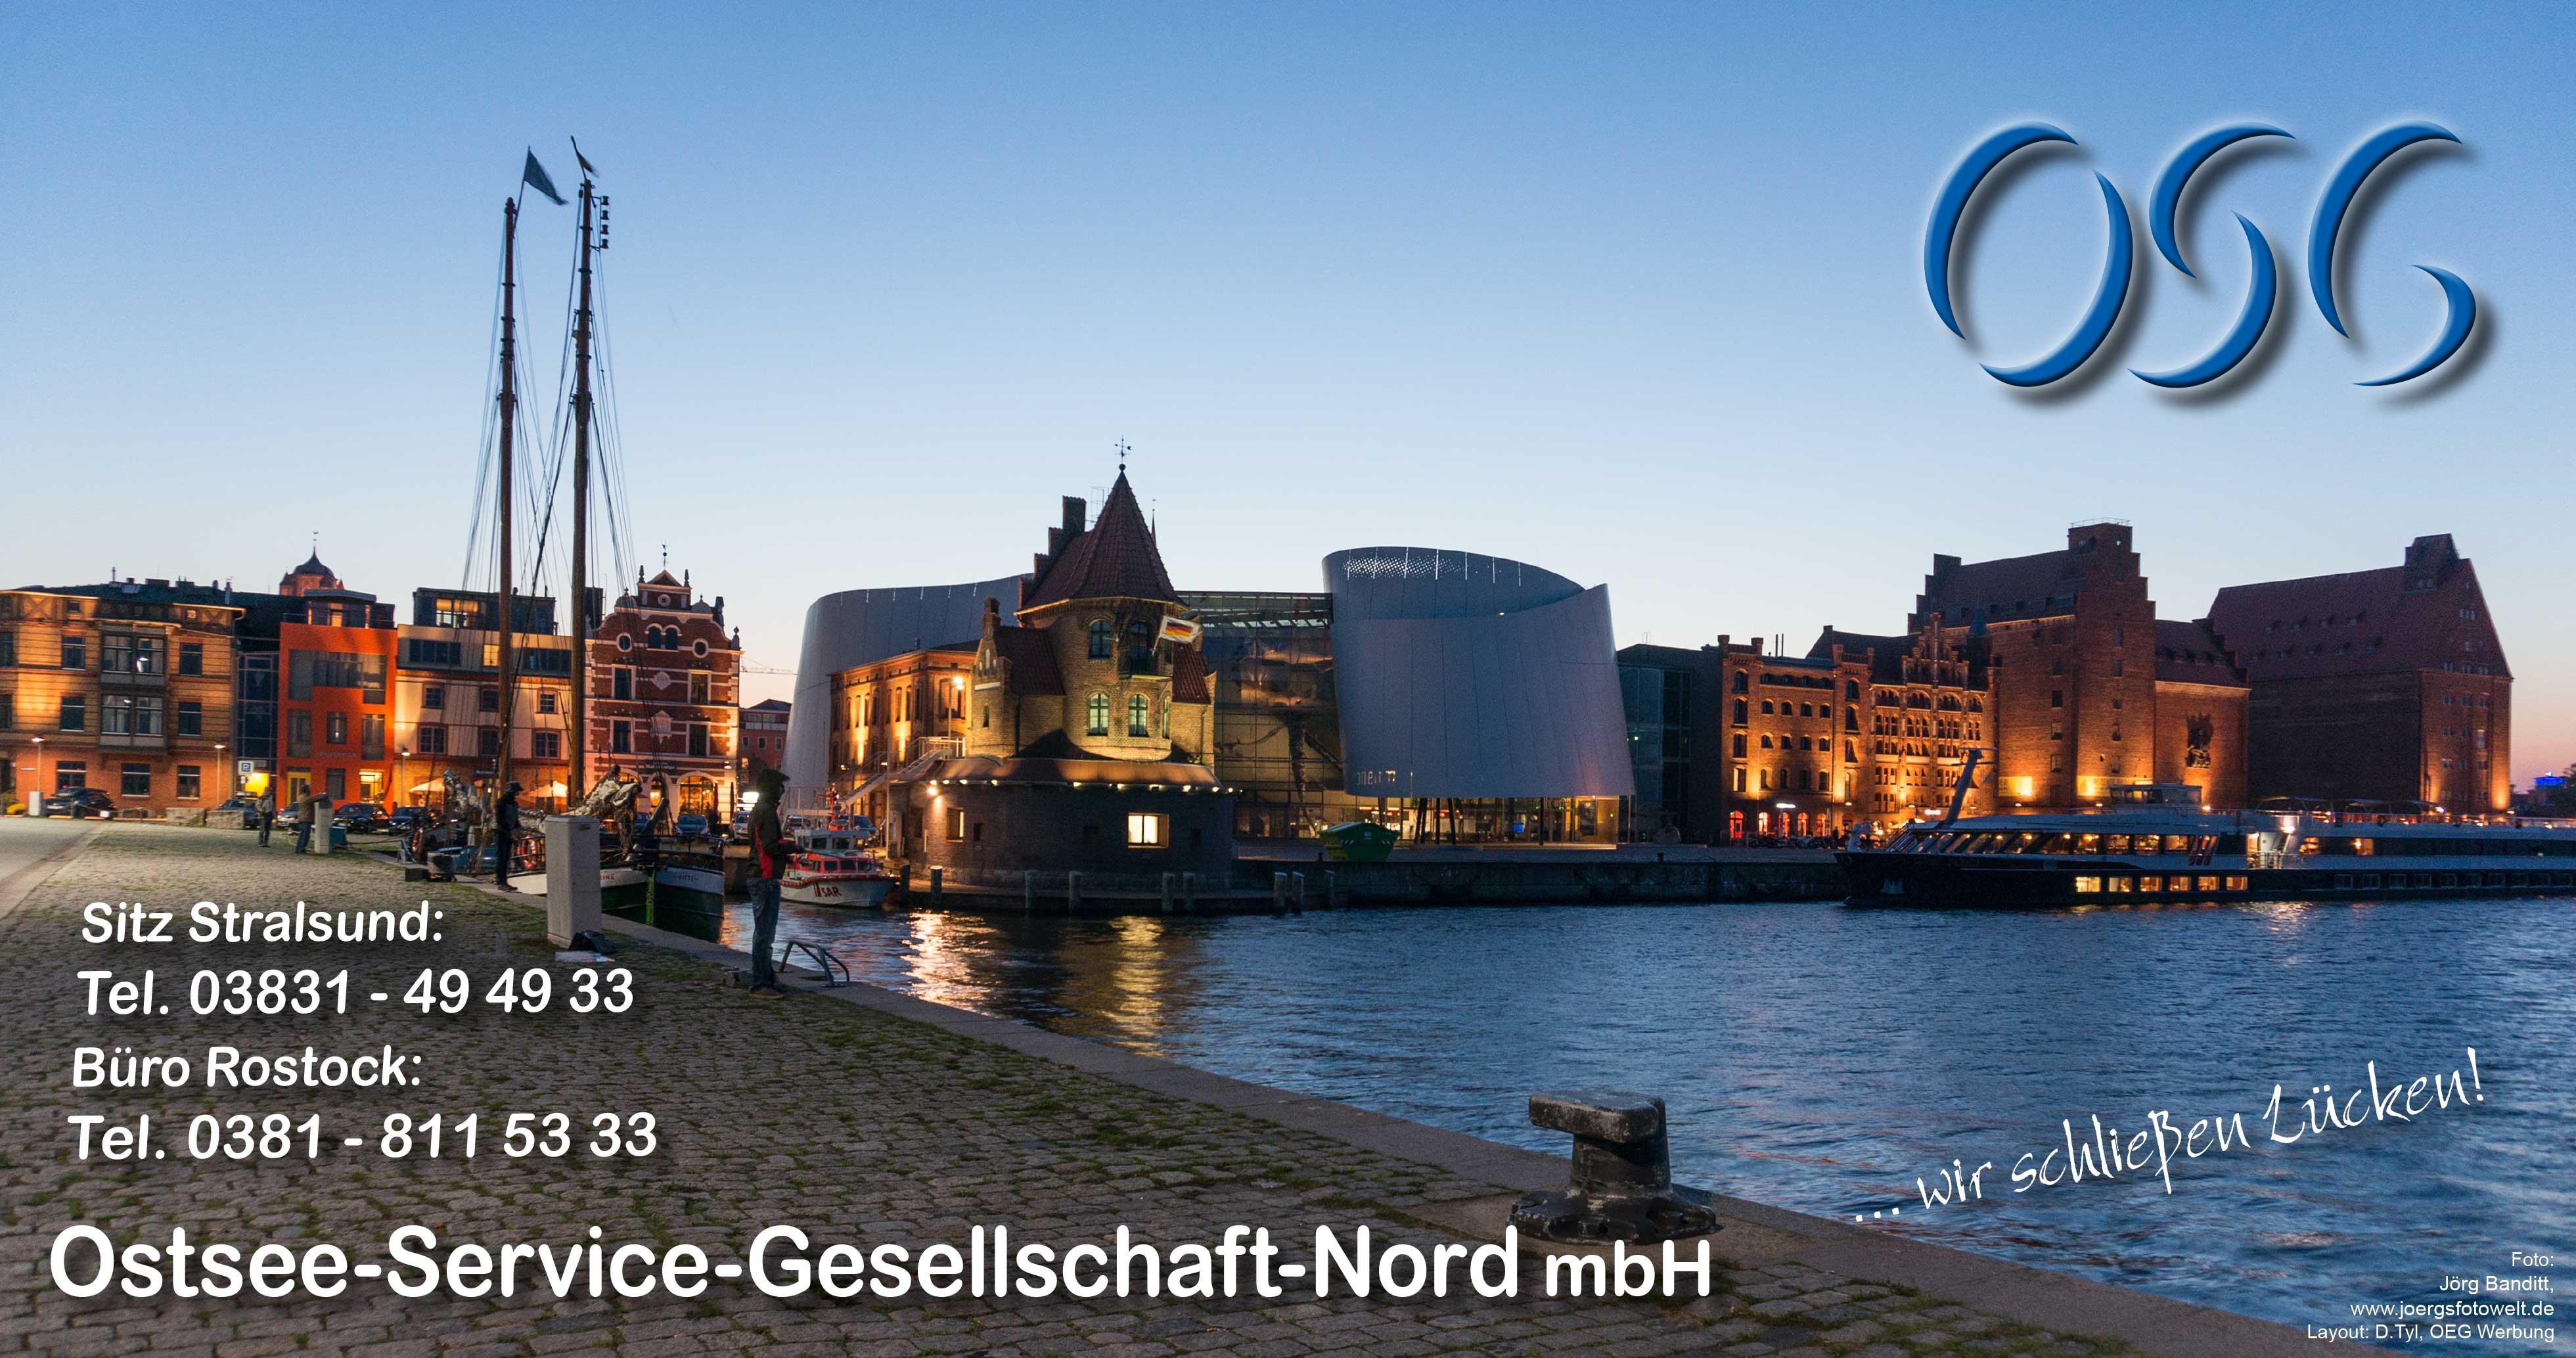 Titelfoto zum Kalender 2016 der Ostsee-Service-Gesellschaft-Nord mbH in Stralsund